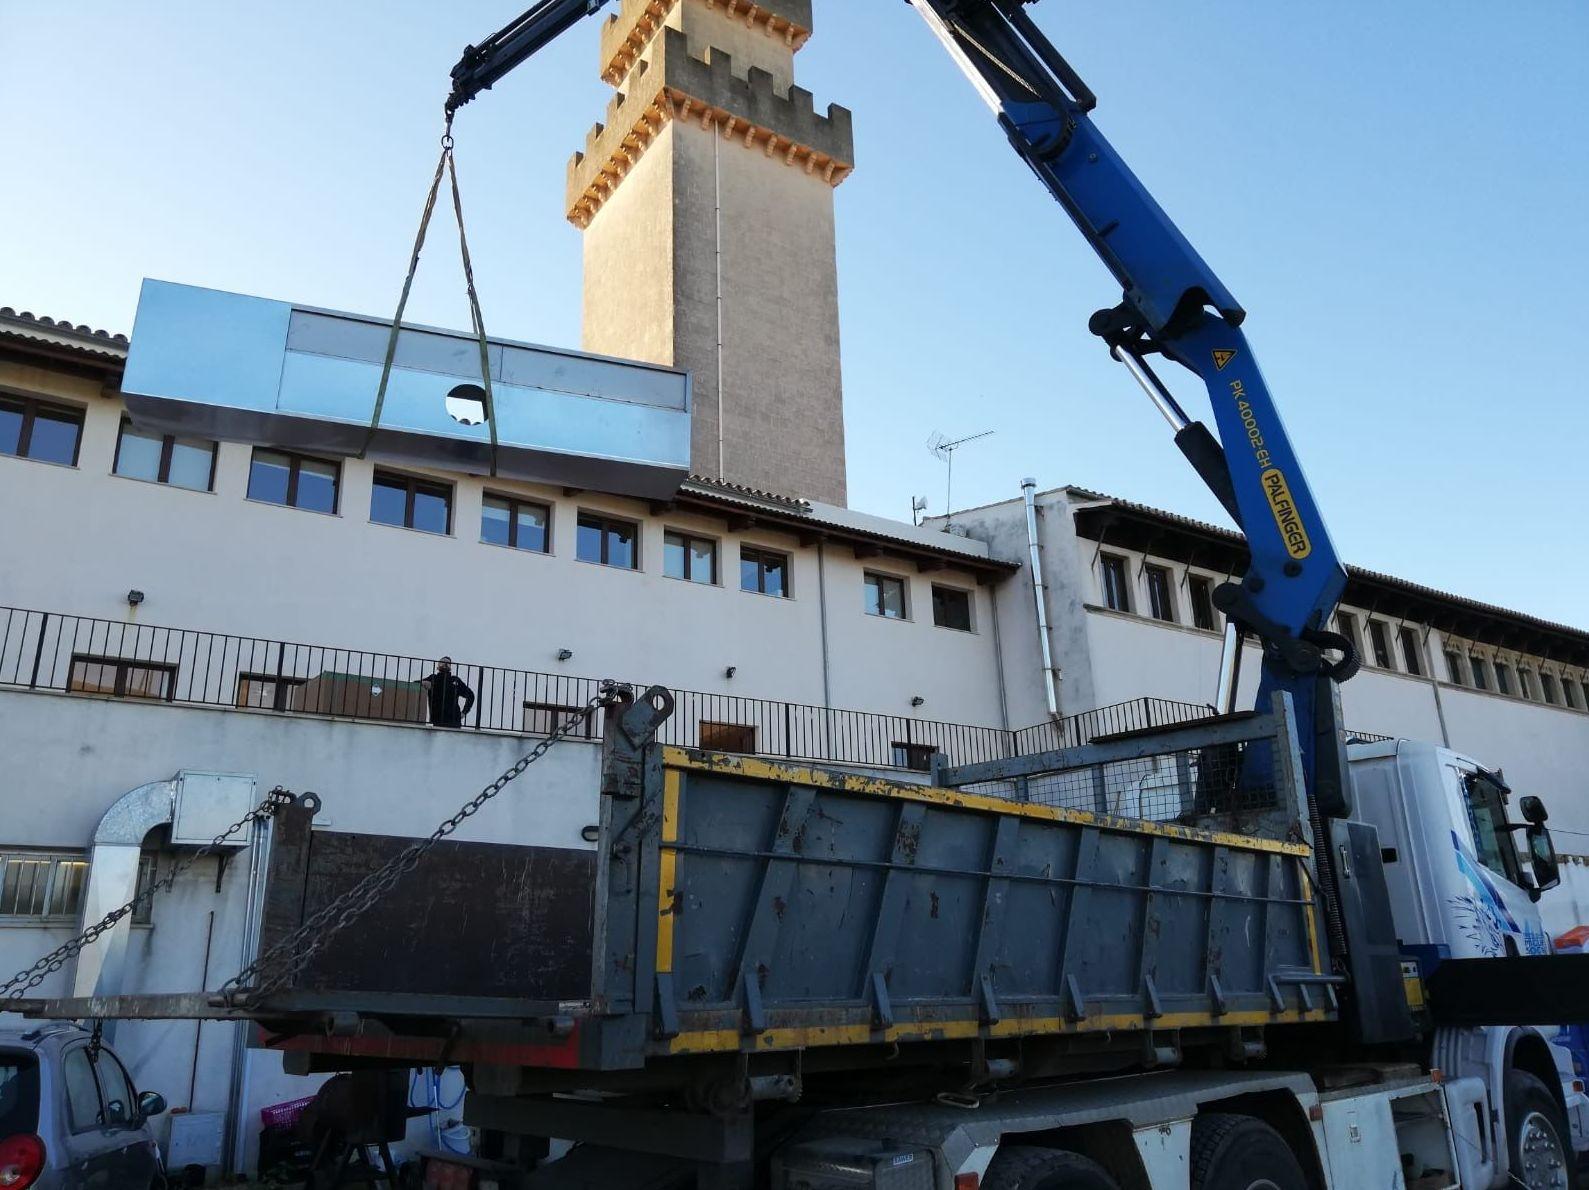 Foto 7 de Transporte y materiales de construcción en Campanet | Transportes Miguel Socias e Hijos